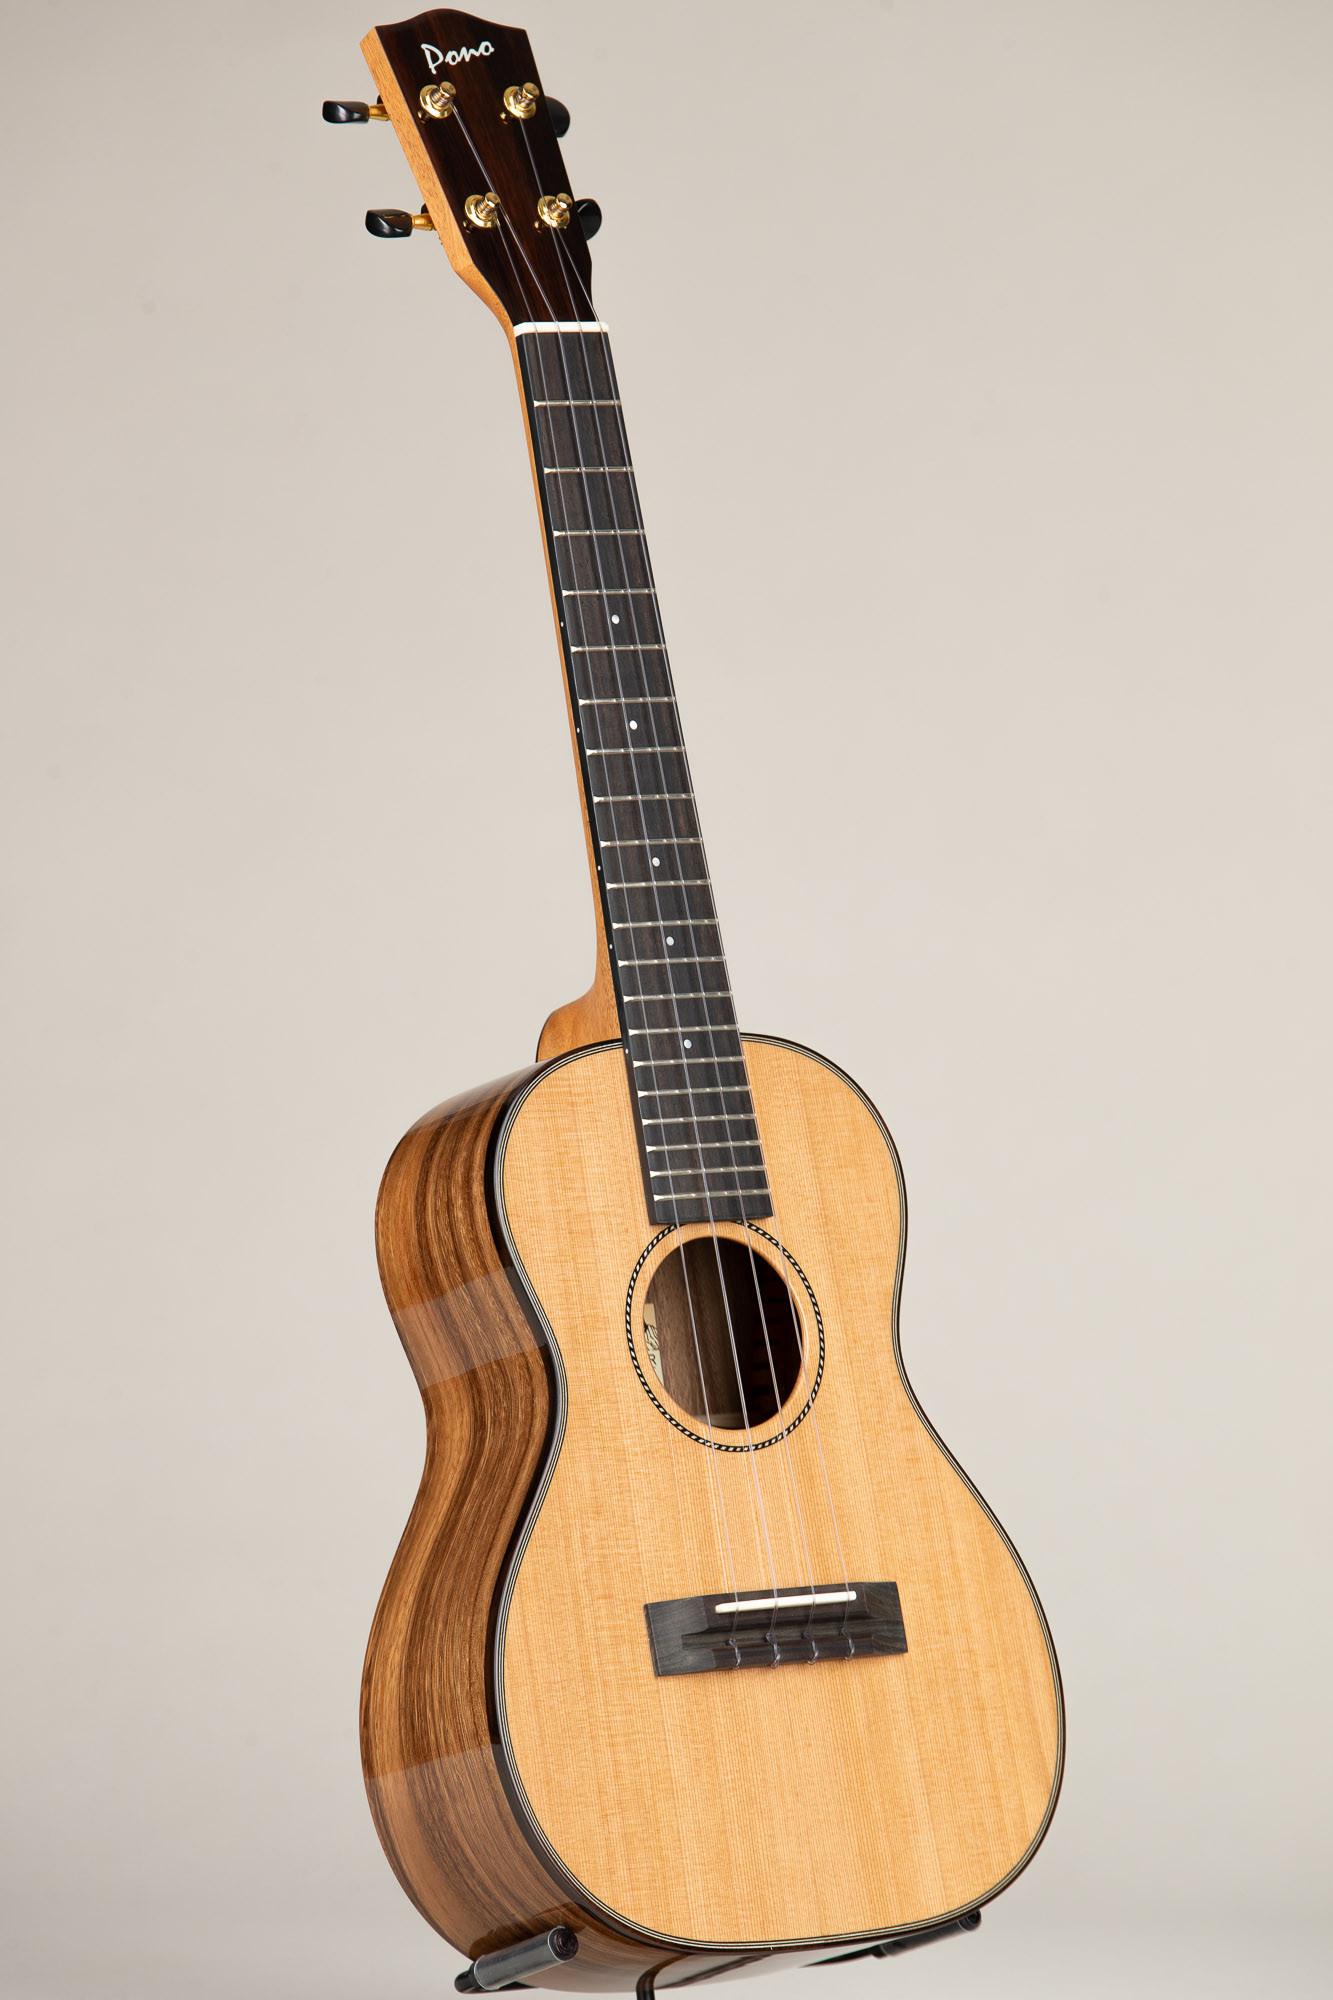 Pono Cedar Top Acacia Deluxe Tenor (ATD-CR 4420)